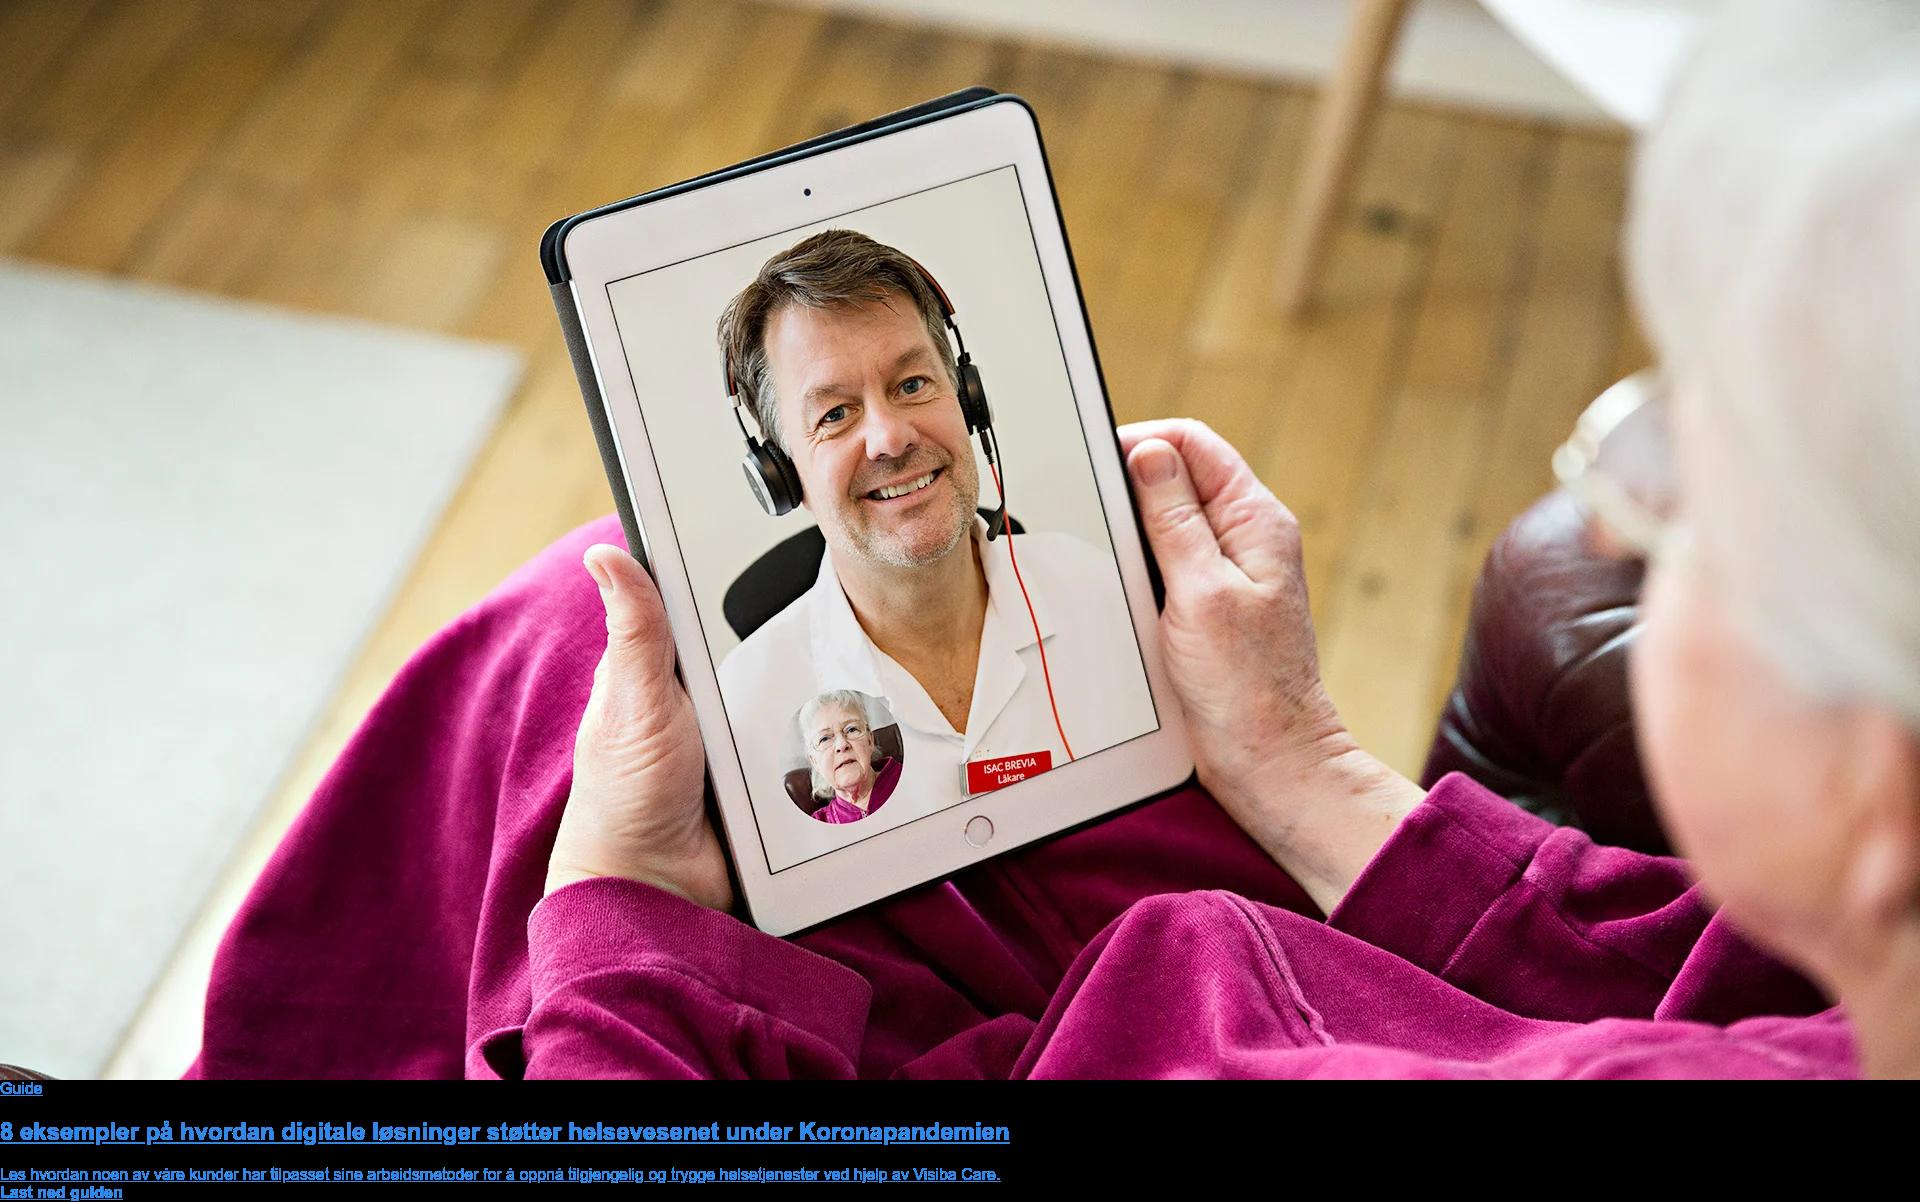 Guide 8 eksempler på hvordan digitale løsninger støtter helsevesenet under Koronapandemien les hvordan noen av våre kunder i forskjellige typer helseorganisasjoner har tilpasset sine arbeidsmetoder for å oppnå tilgjengelig og trygge helsetjenester ved hjelp av Visiba Care. Last ned guiden